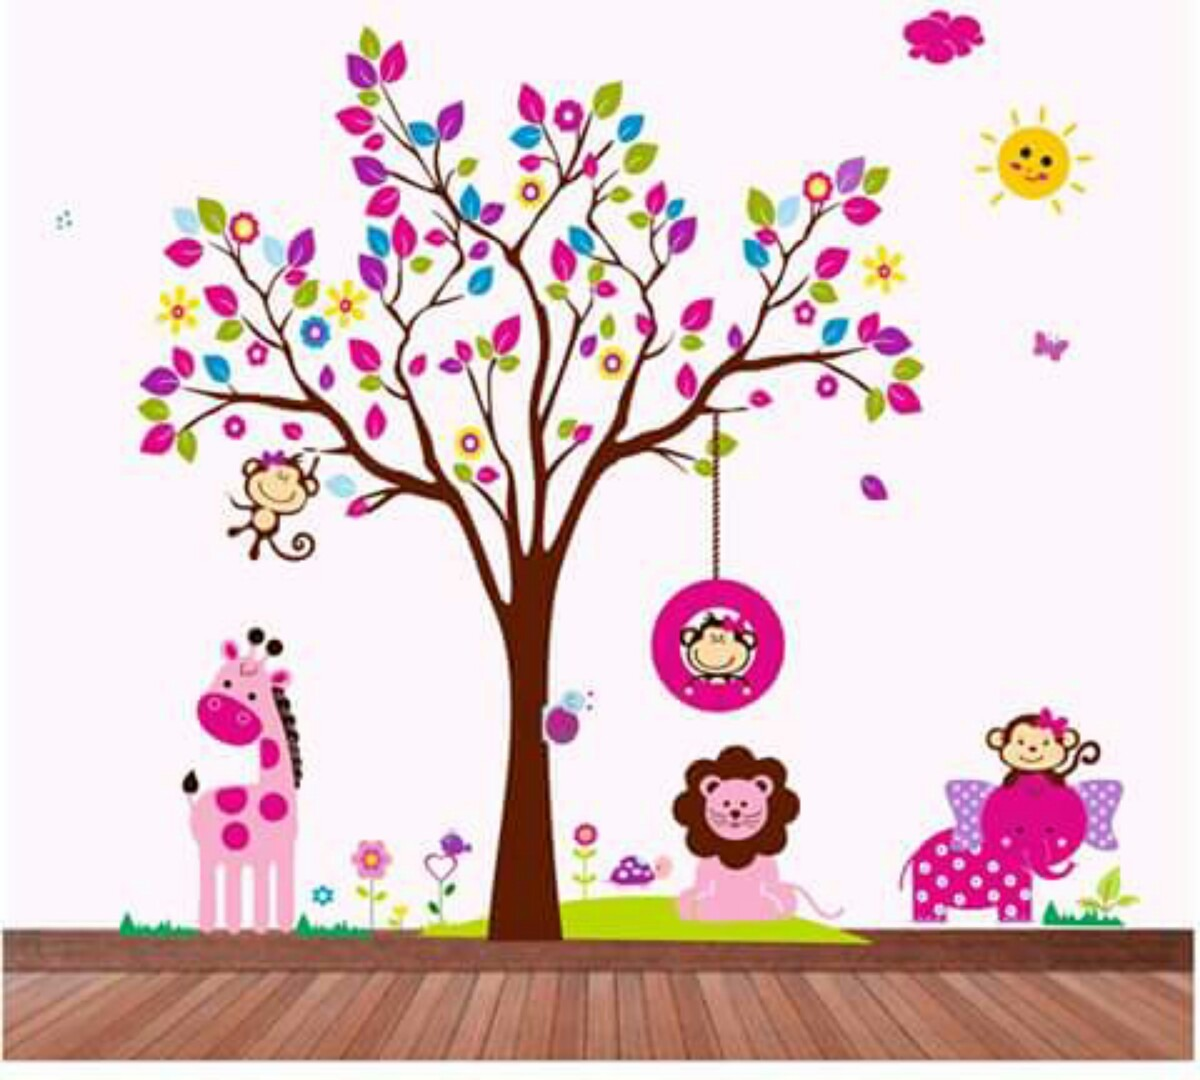 Vinilos decorativos grandes bebes cuartos infantiles cali for Vinilos decorativos para ninas